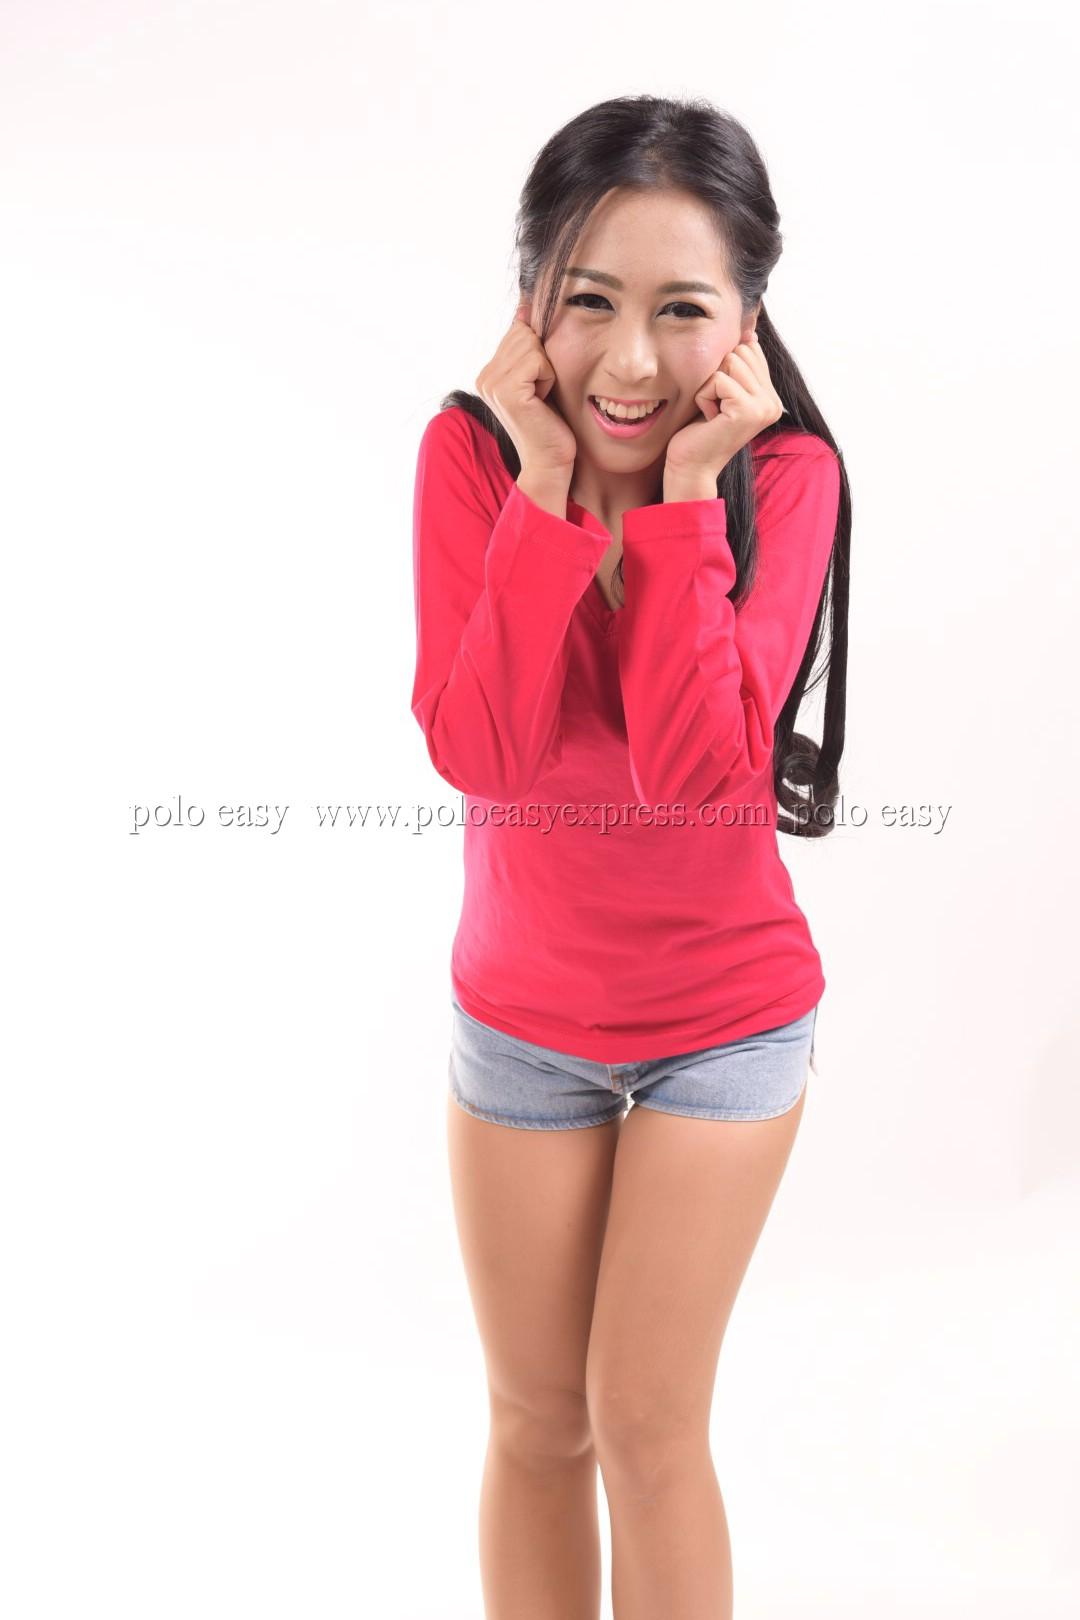 เสื้อยืด สีชมพูบานเย็น คอวี แขนยาว Size XL สำเนา